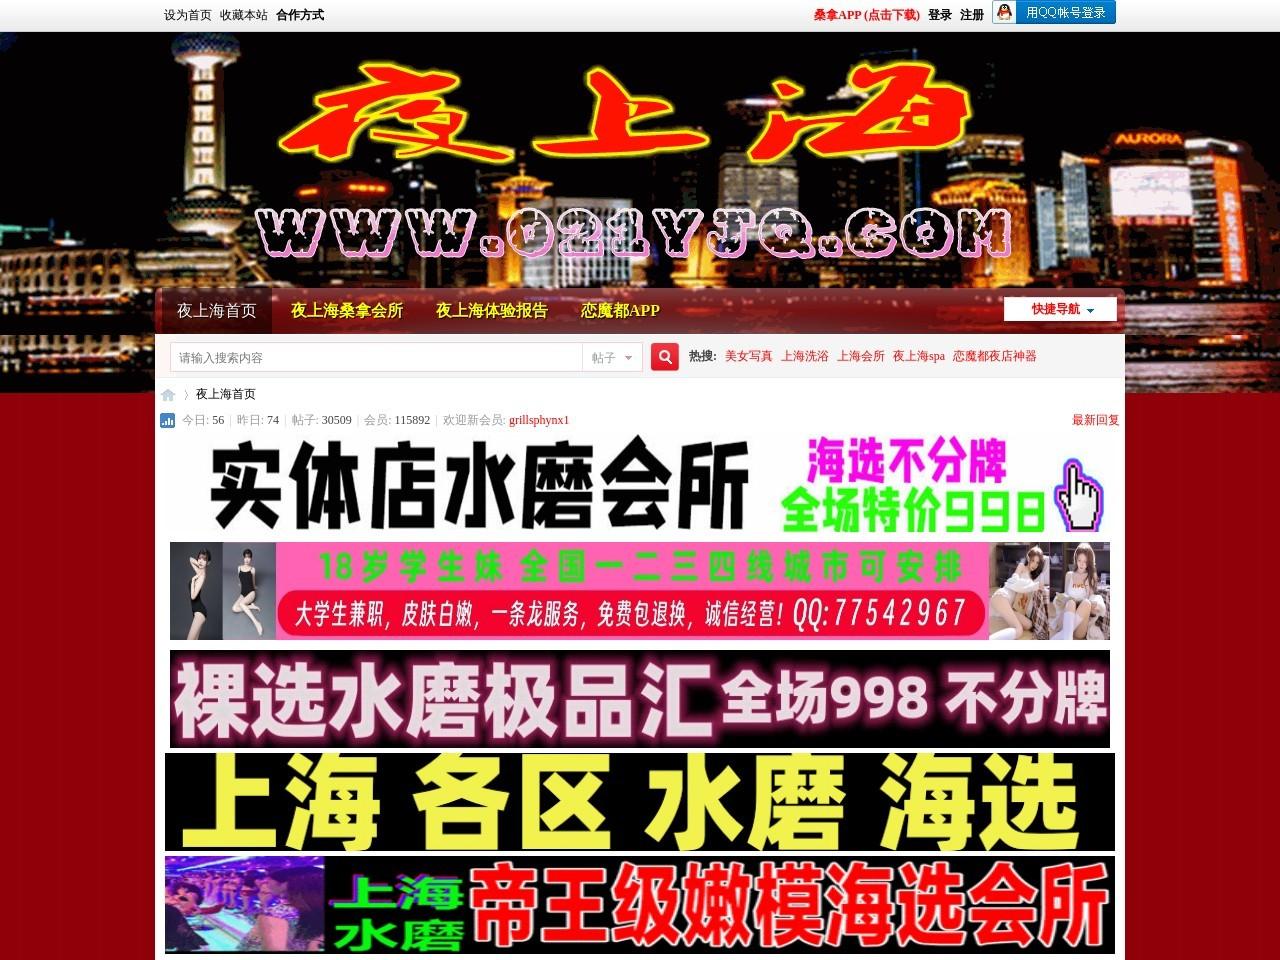 夜上海论坛,上海sn论坛,江苏桑拿论坛,爱上海,上海洗浴 -